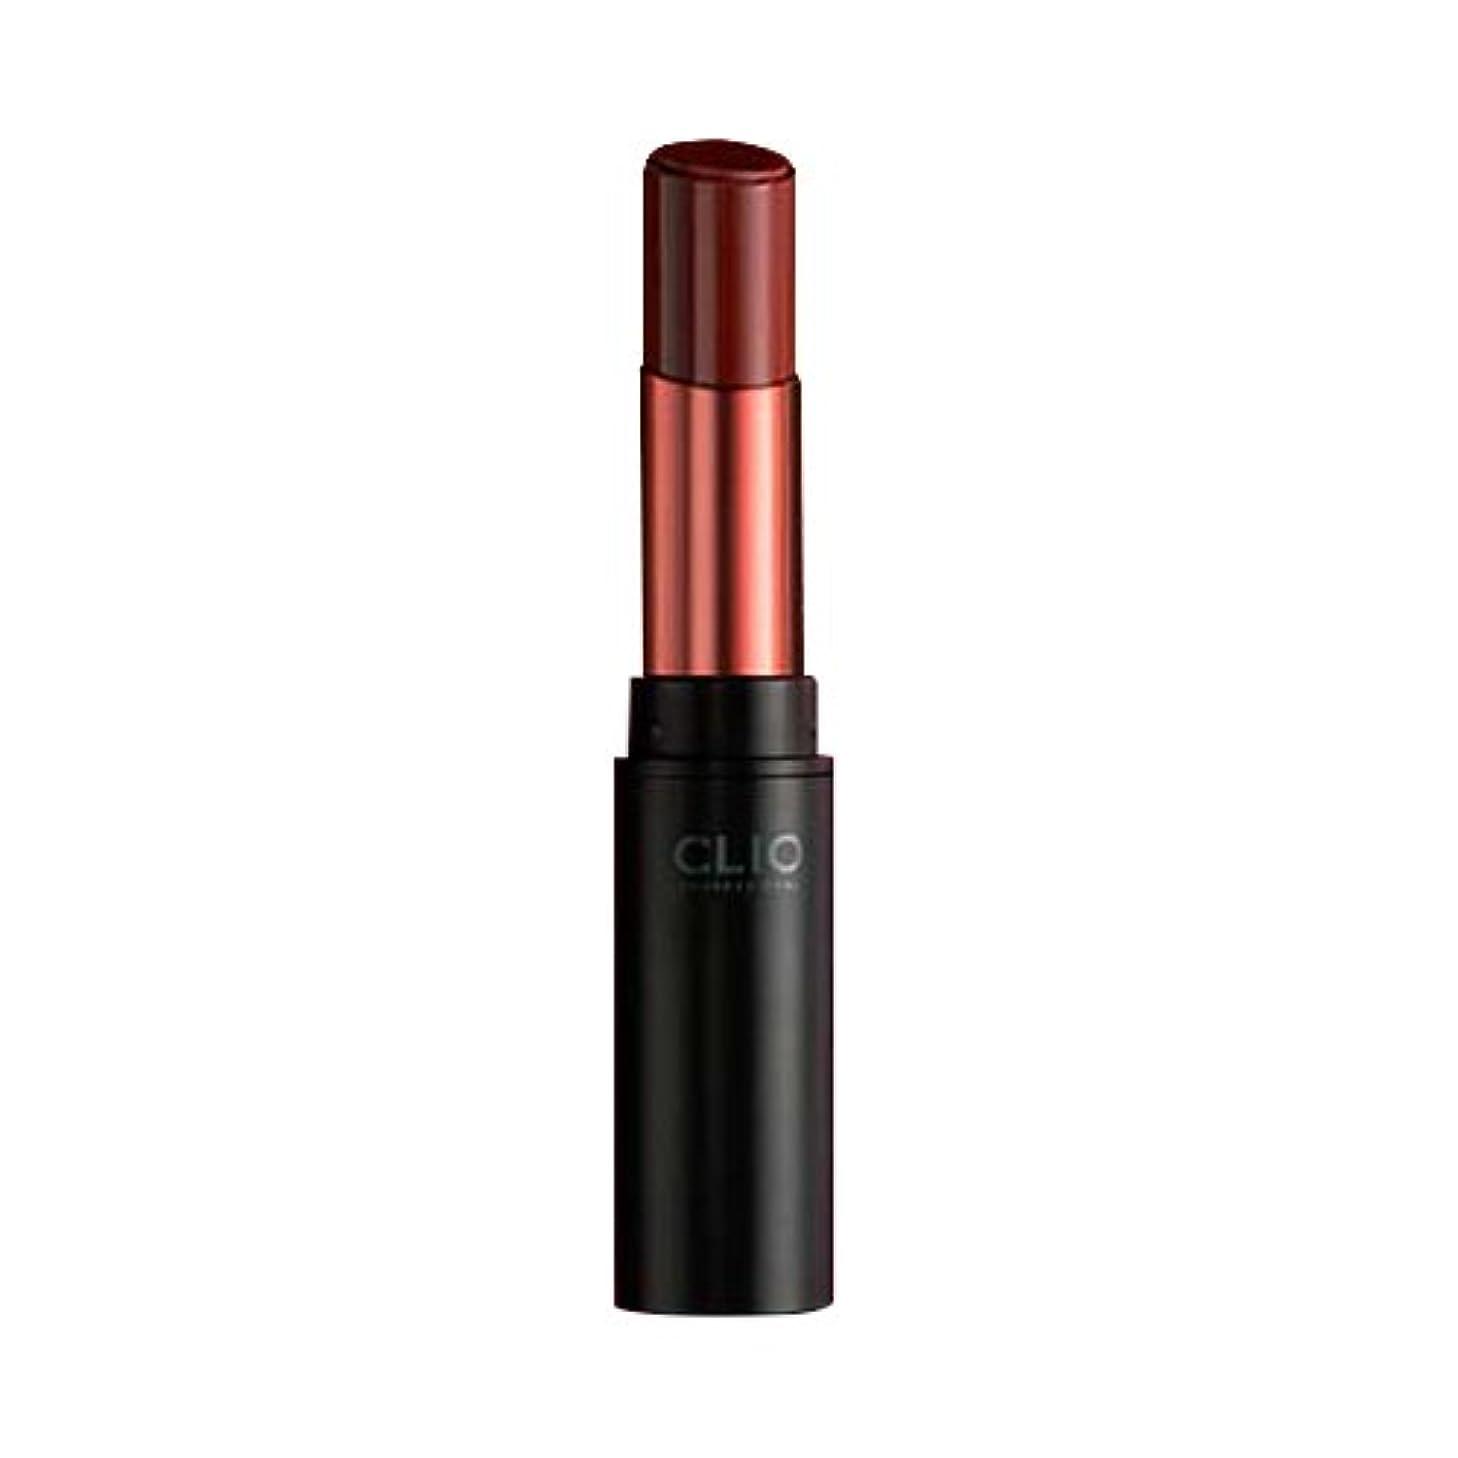 懲戒隔離着替える[New] CLIO Mad Matte Lips 4.5g/クリオ マッド マット リップ 4.5g (#06 Sensual Pepper) [並行輸入品]